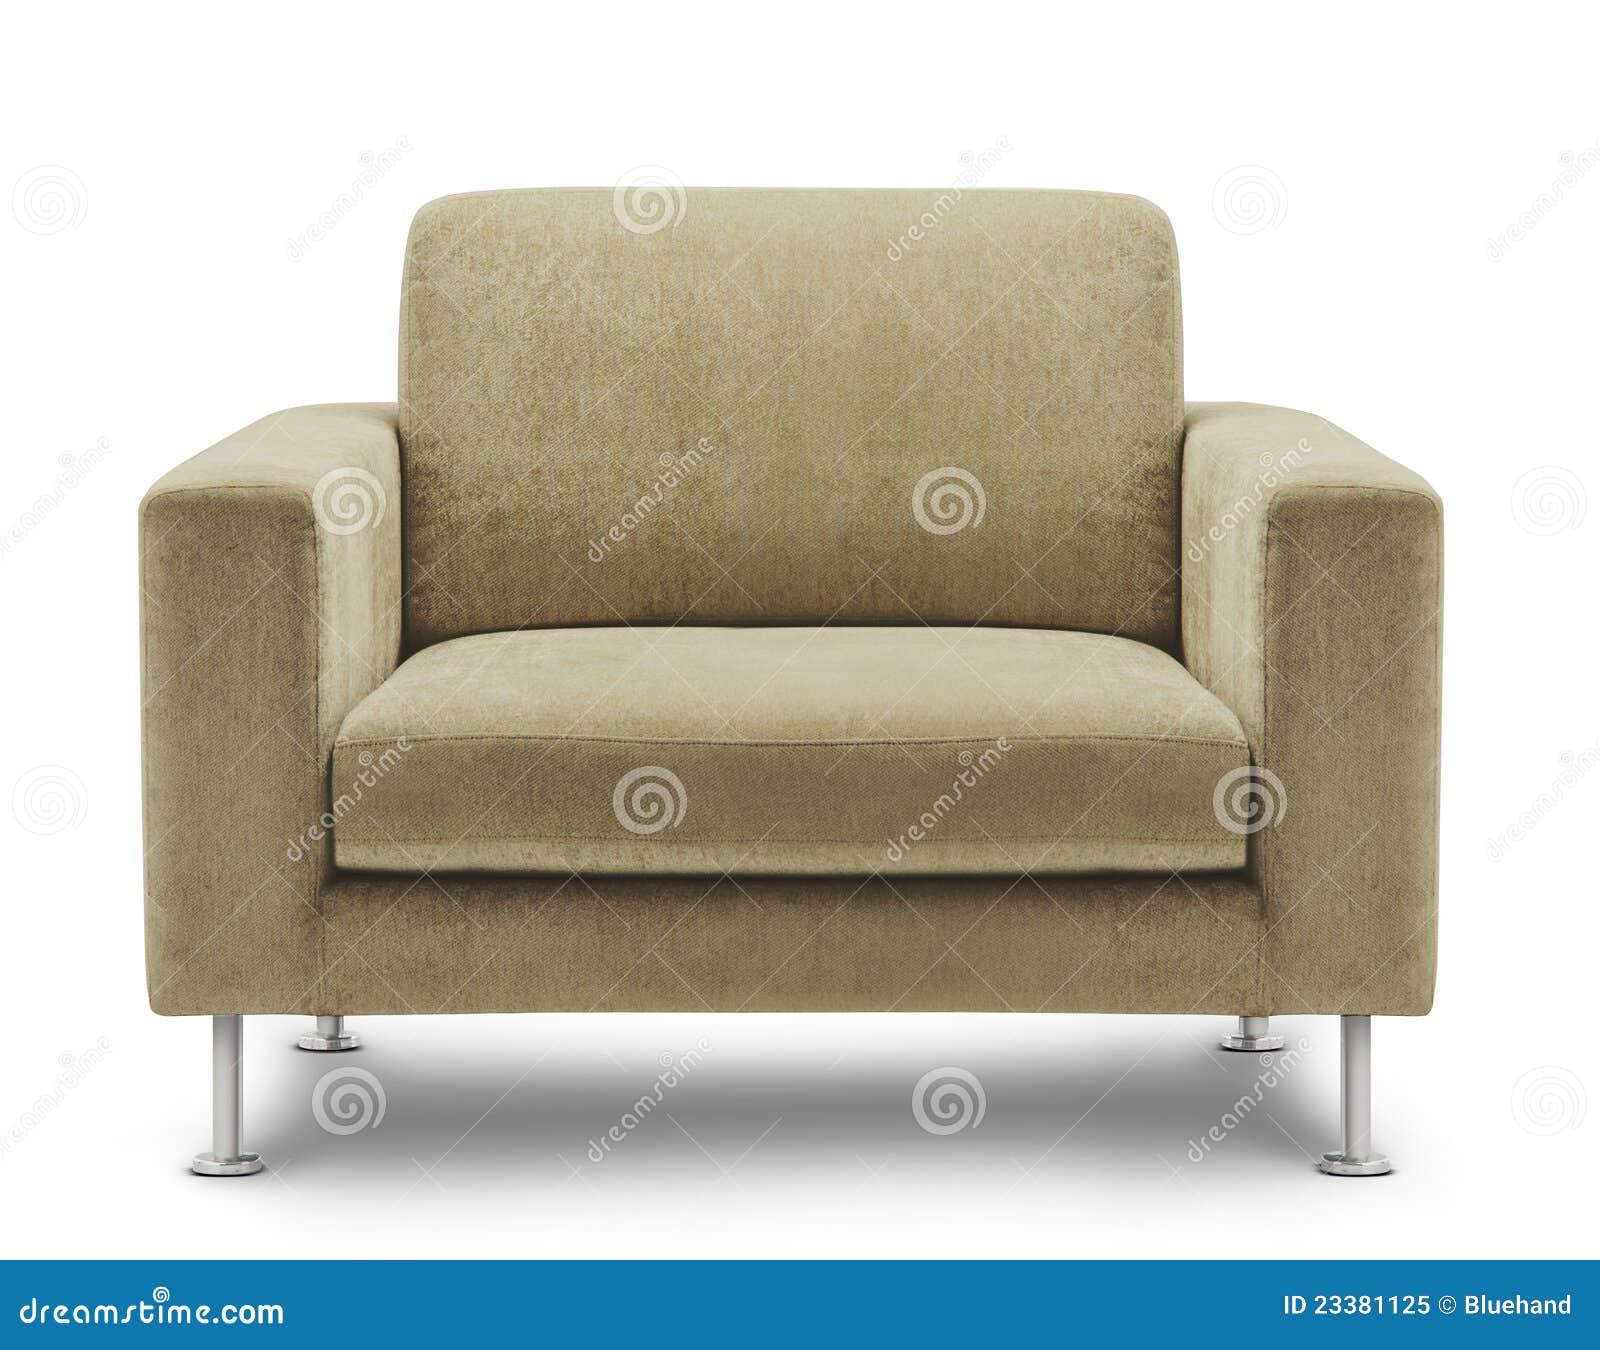 Sofa Furniture On White Background Stock Image Image Of